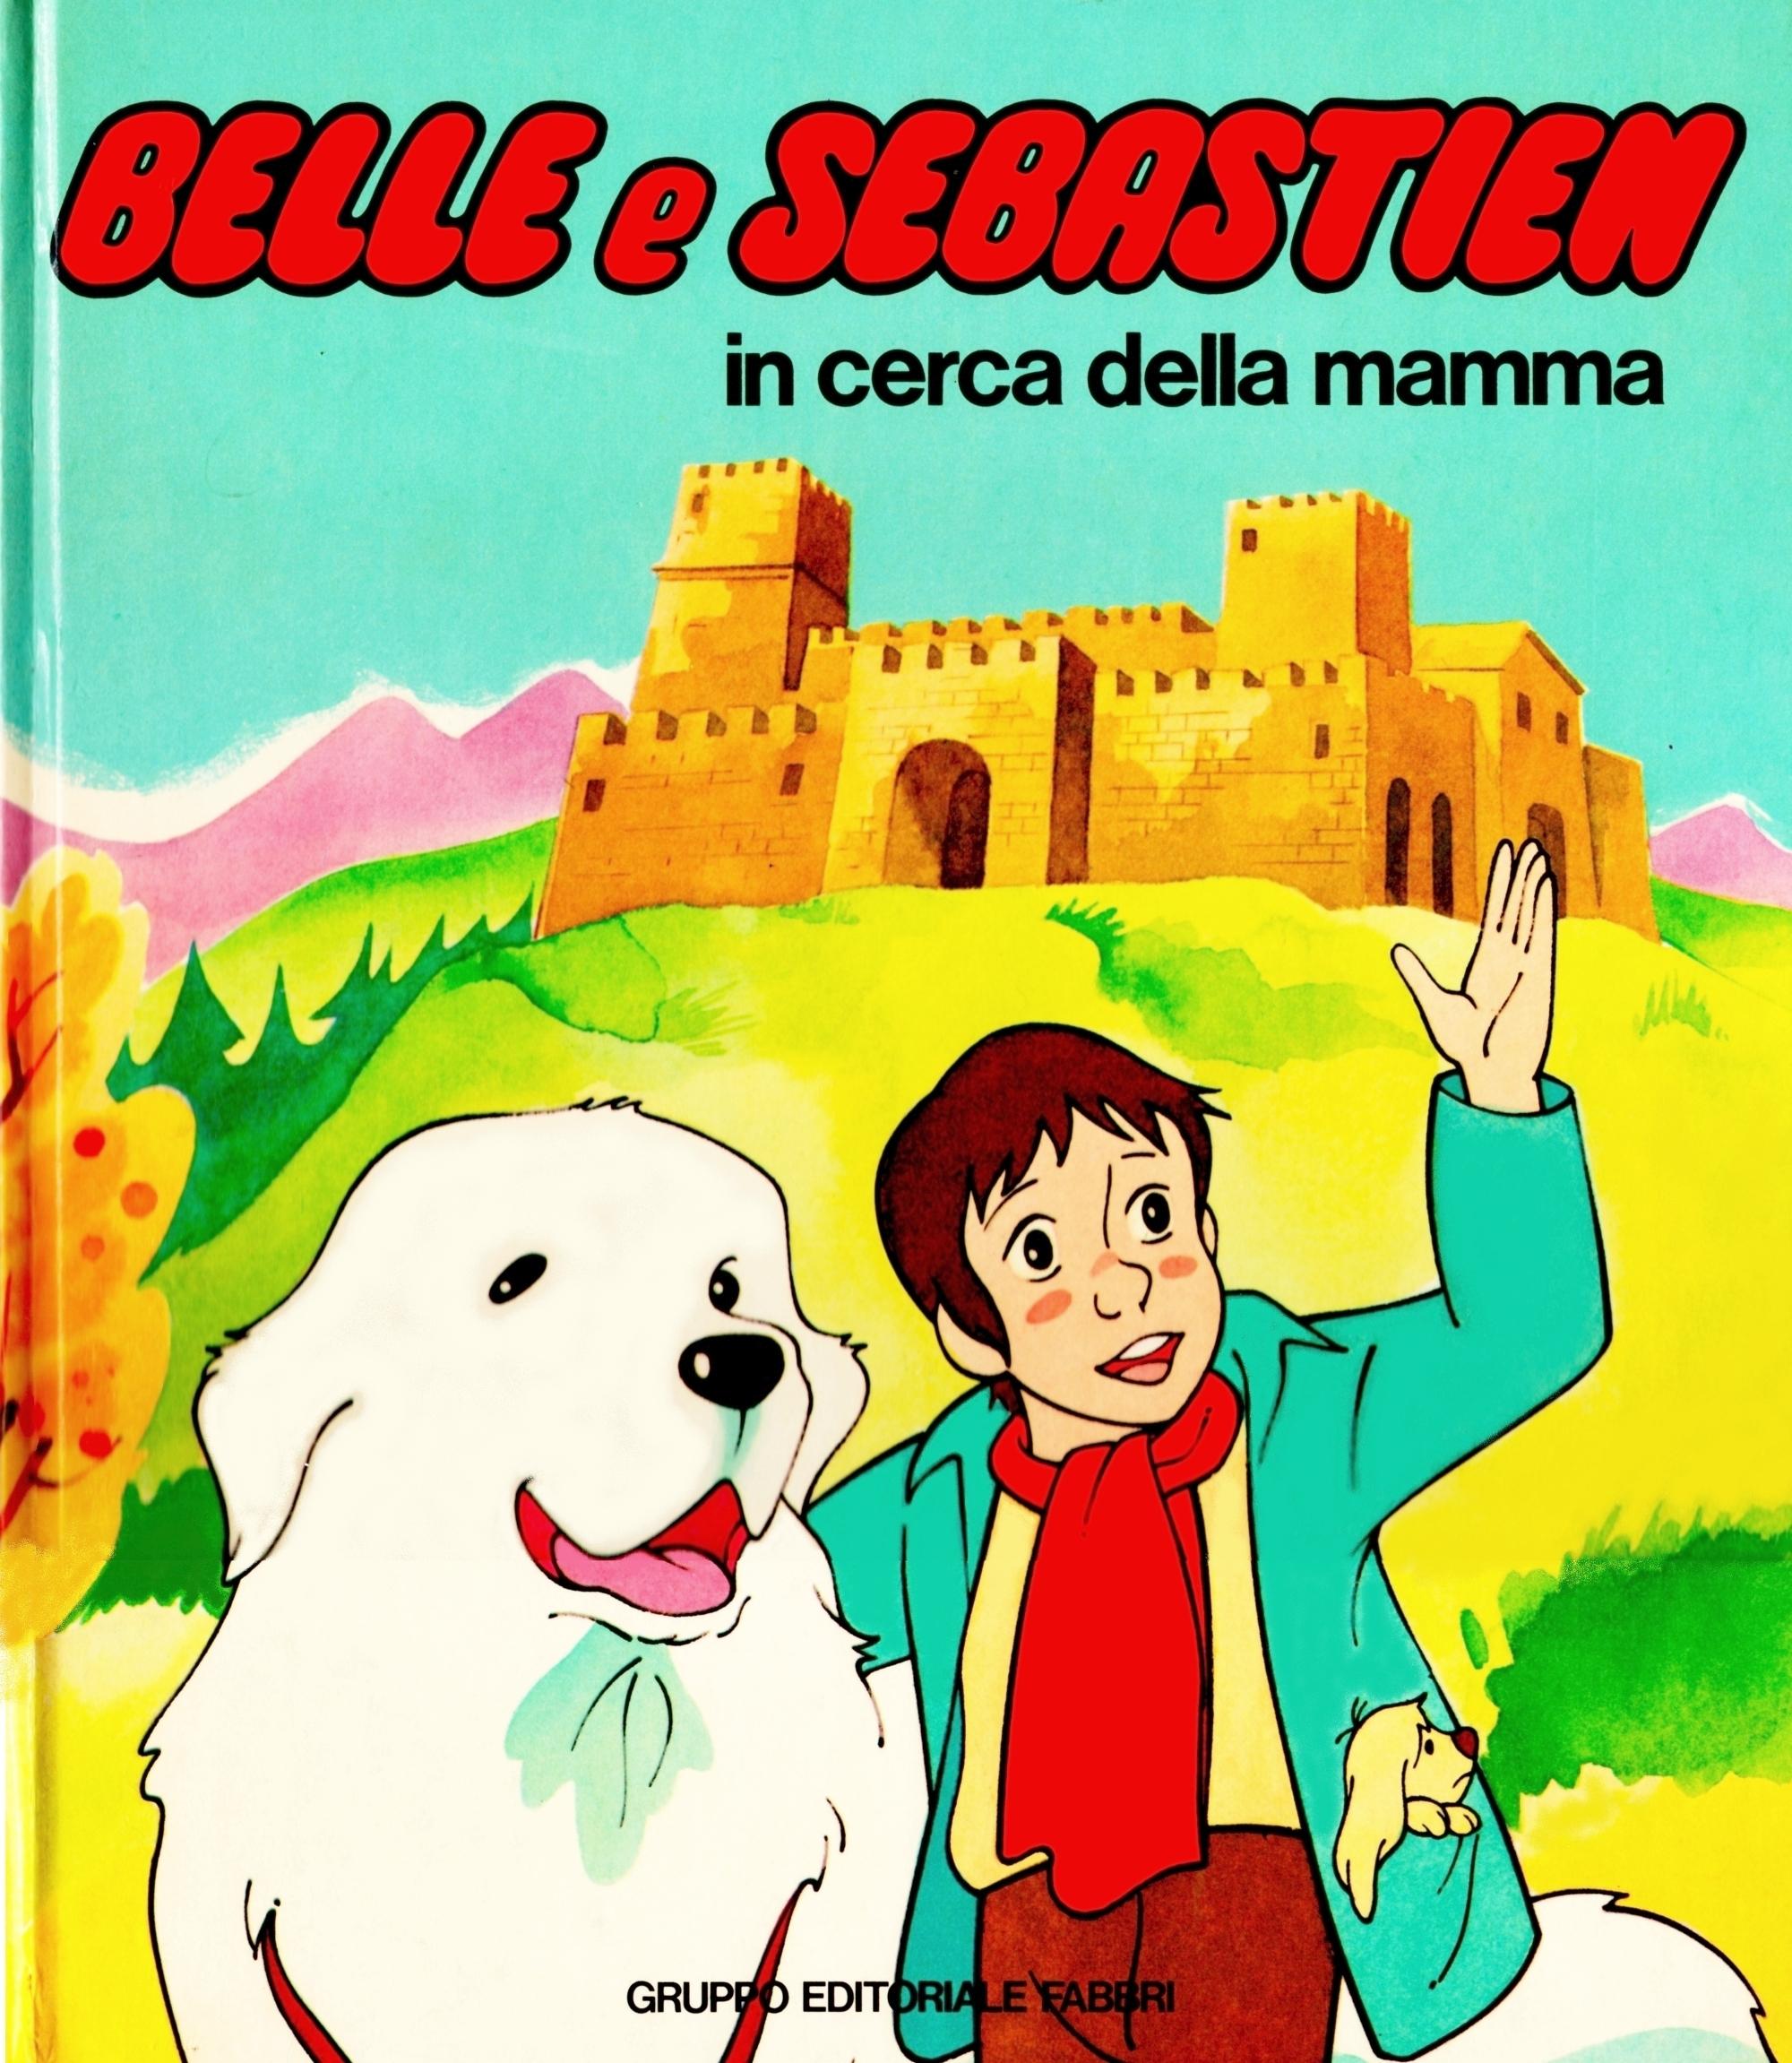 Belle e sebastien immagini varie